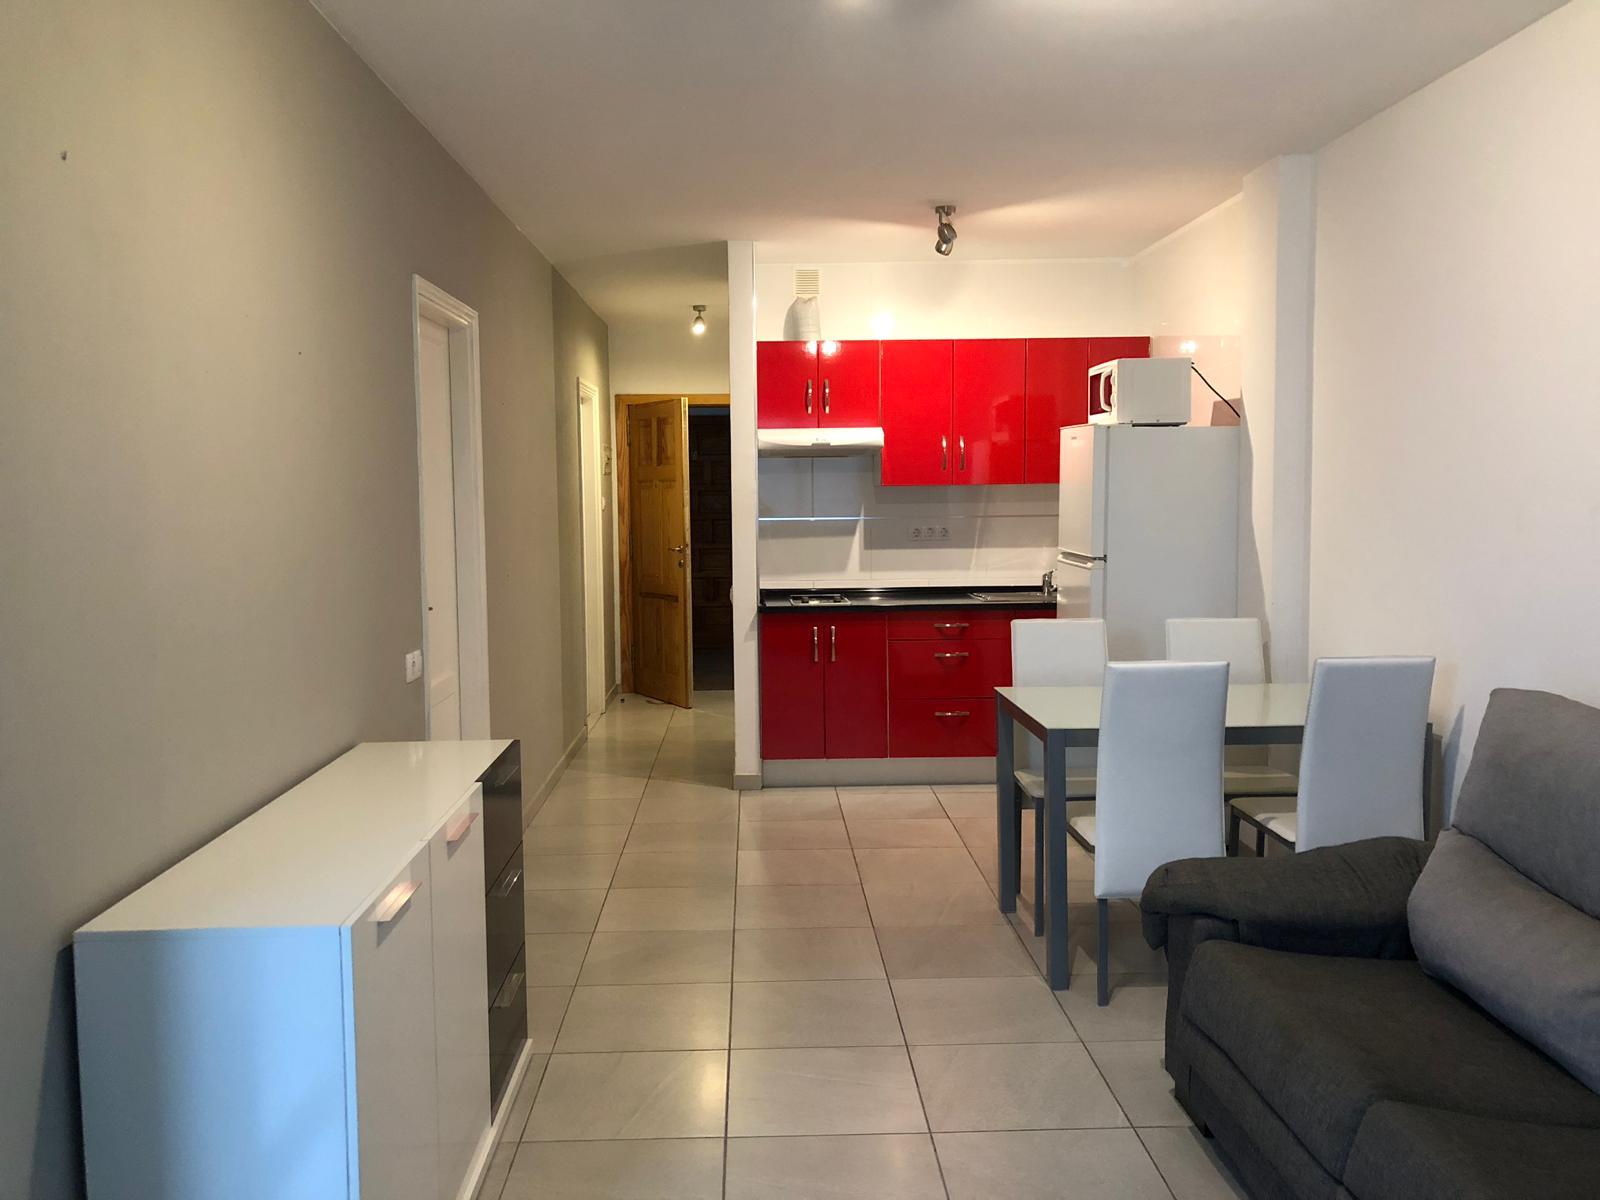 Rent in the center of Corralejo